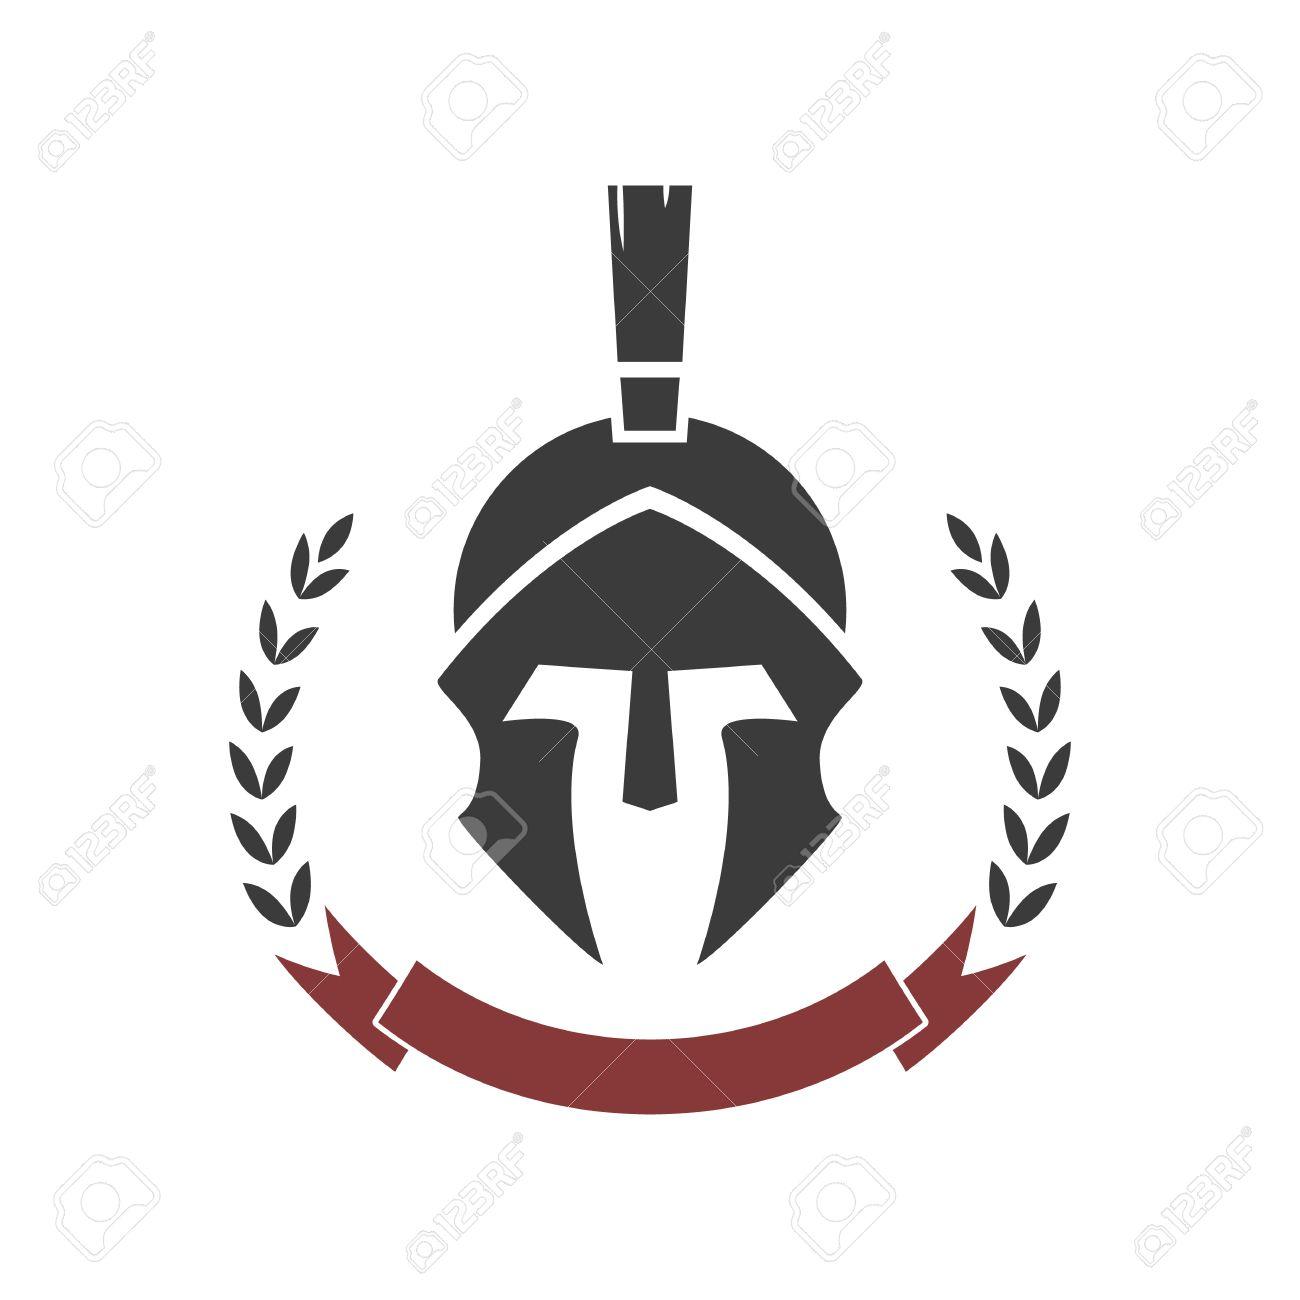 spartan helmet vector logo template royalty free cliparts vectors